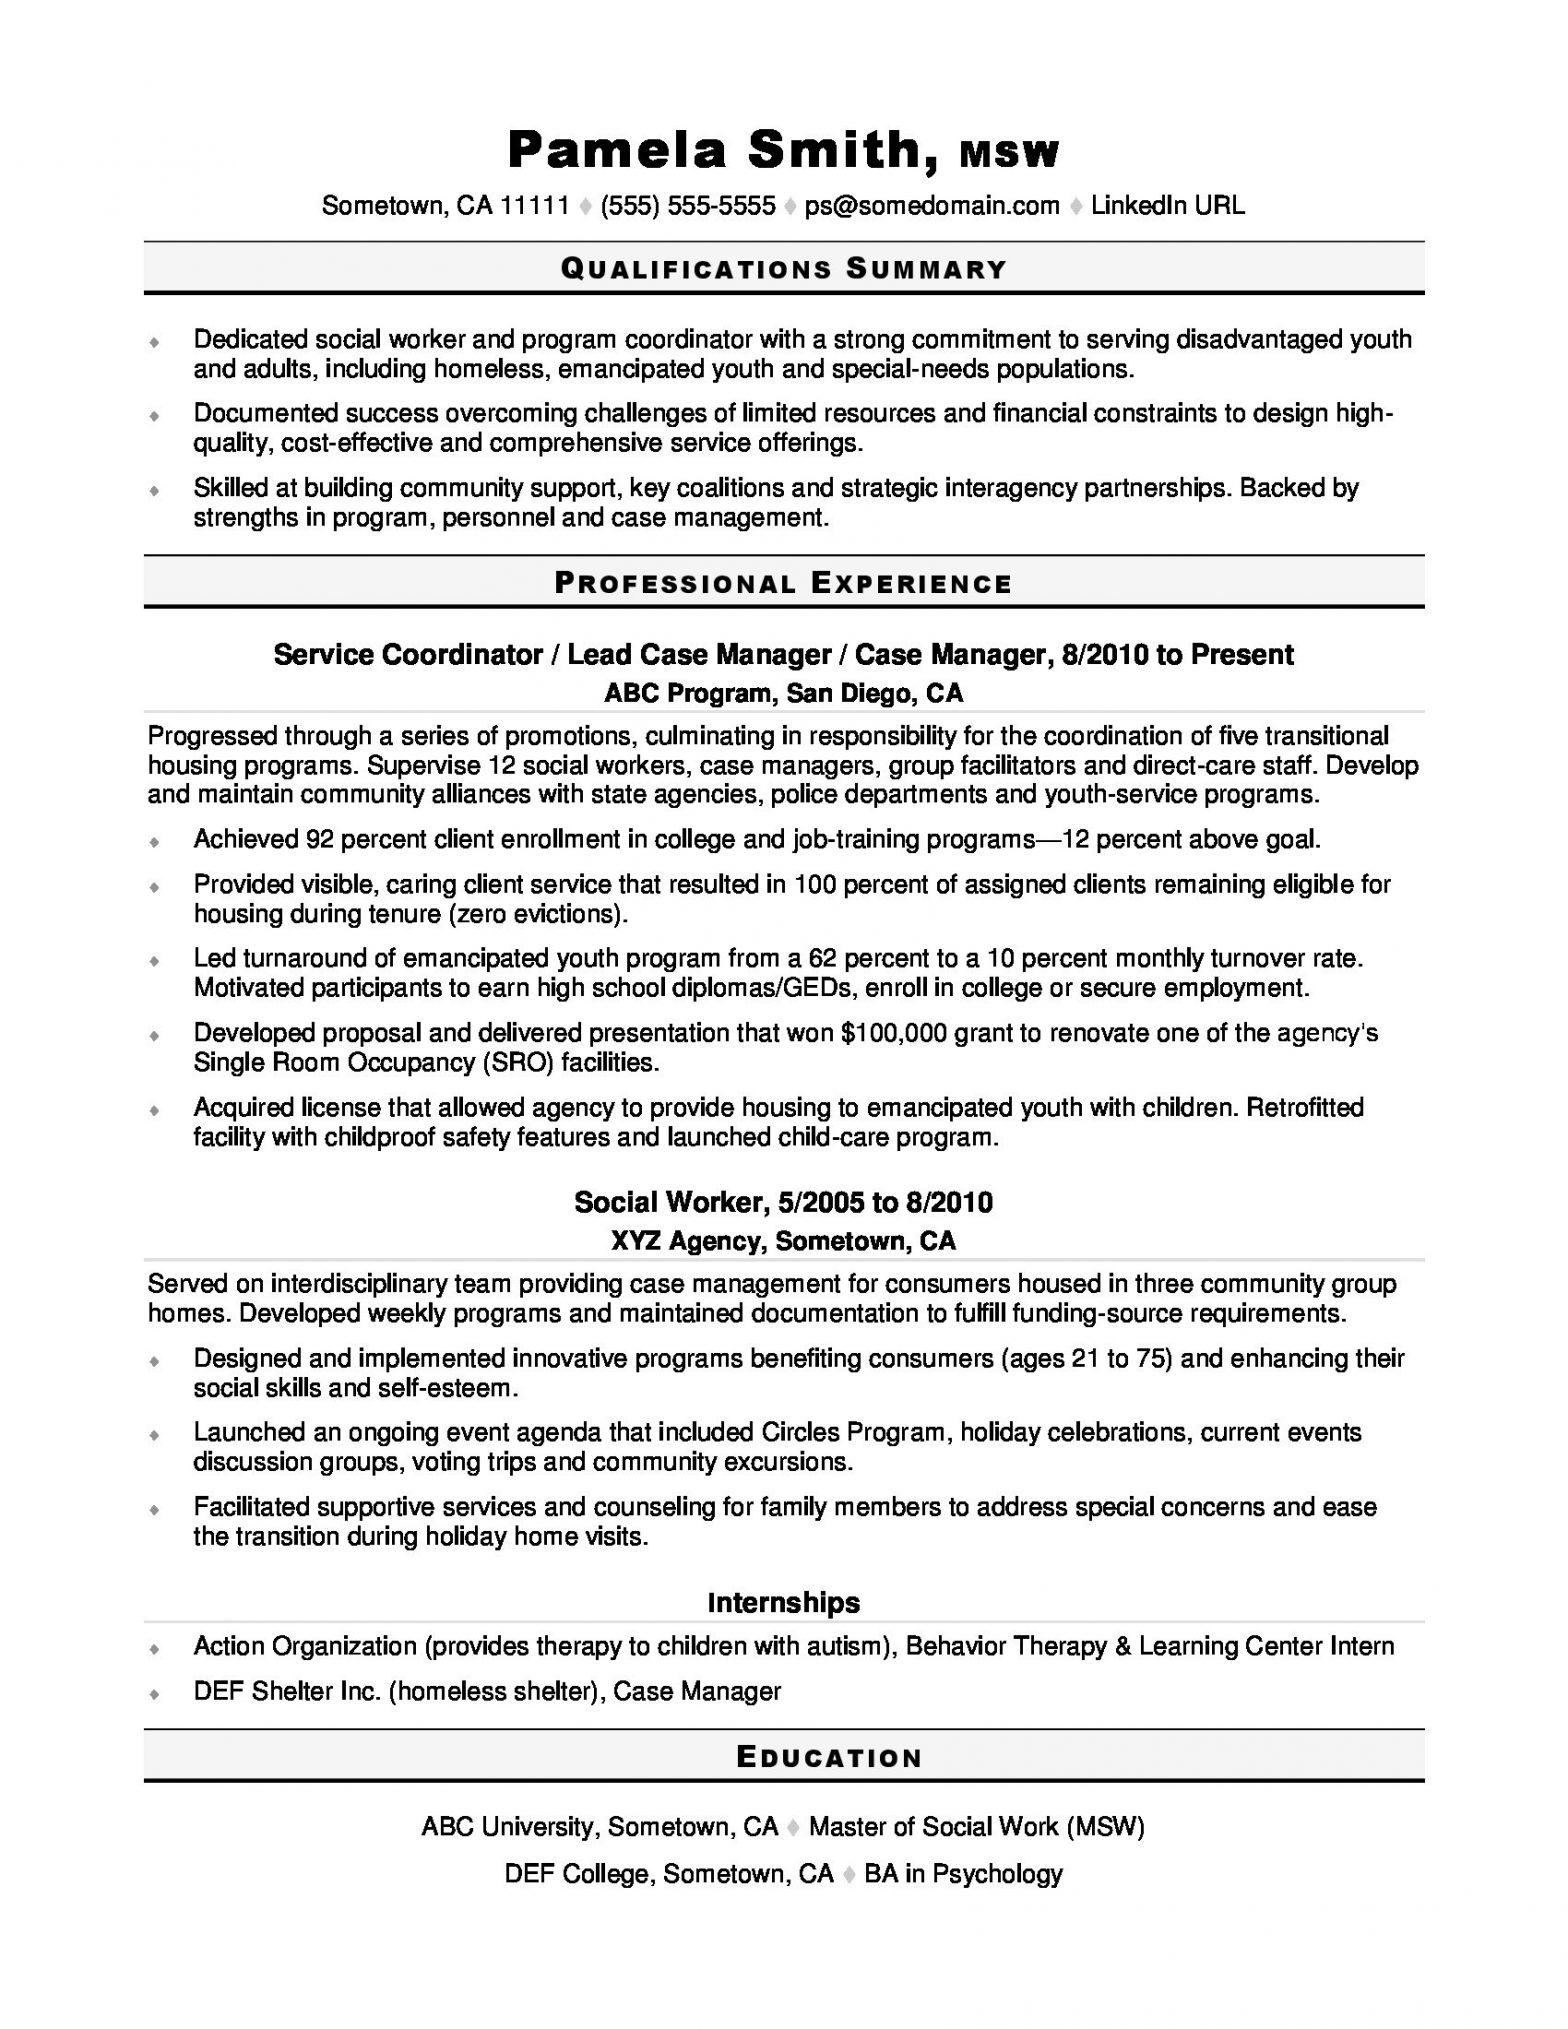 Sample Resume for Case Manager social Work social Worker Resume Sample Monster.com